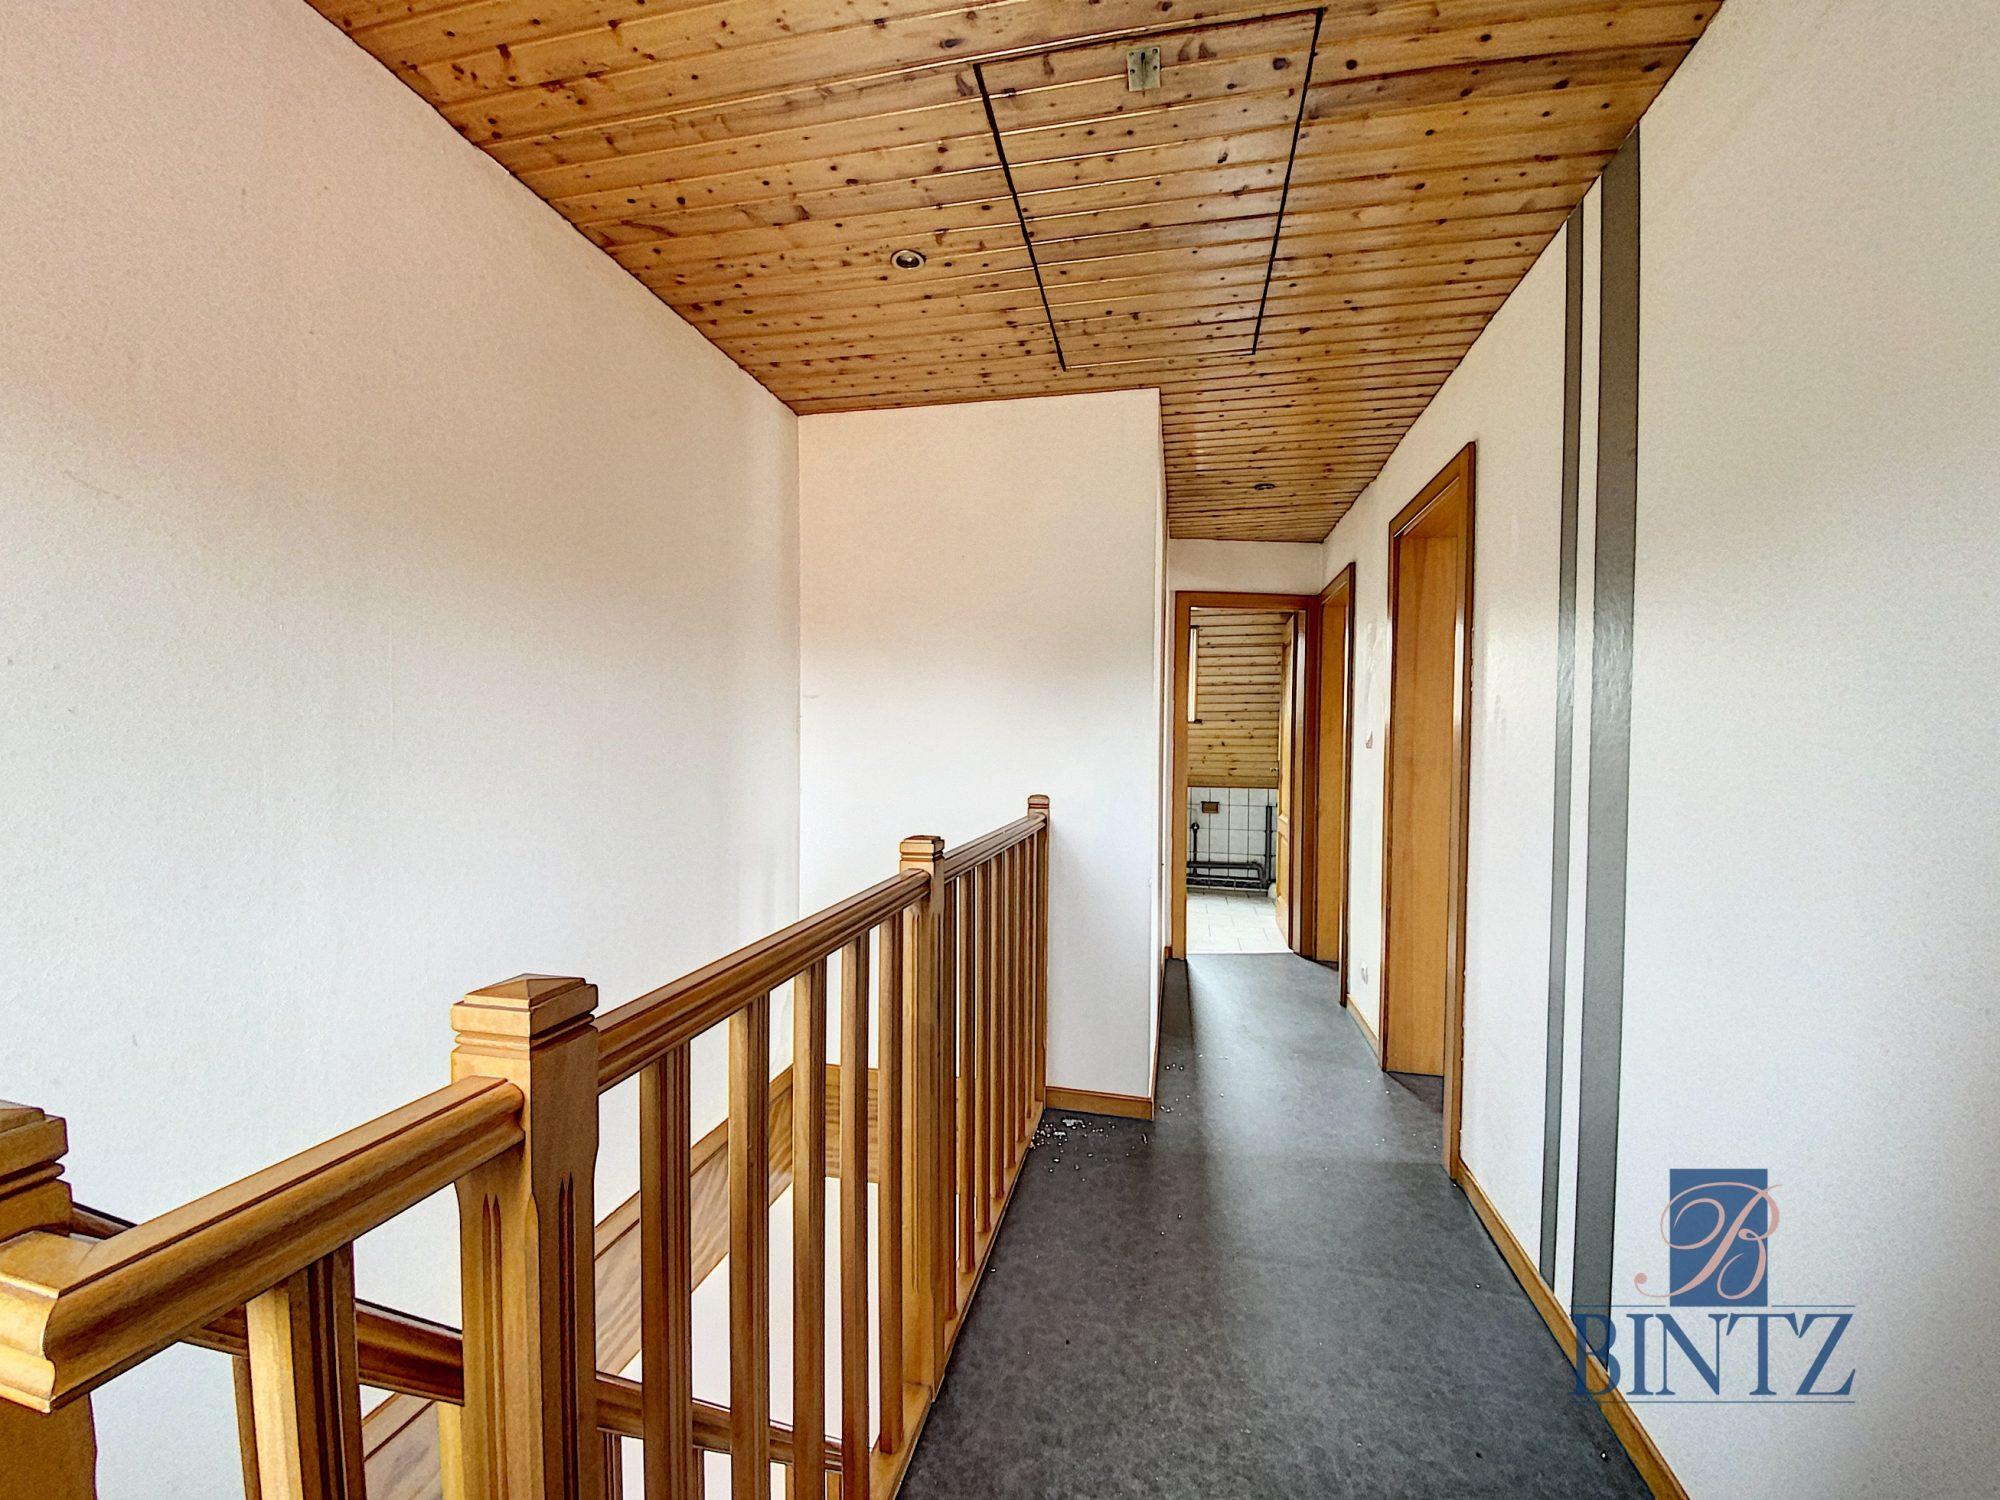 Charmant T3 Duplex avec belle terrasse - Devenez propriétaire en toute confiance - Bintz Immobilier - 7